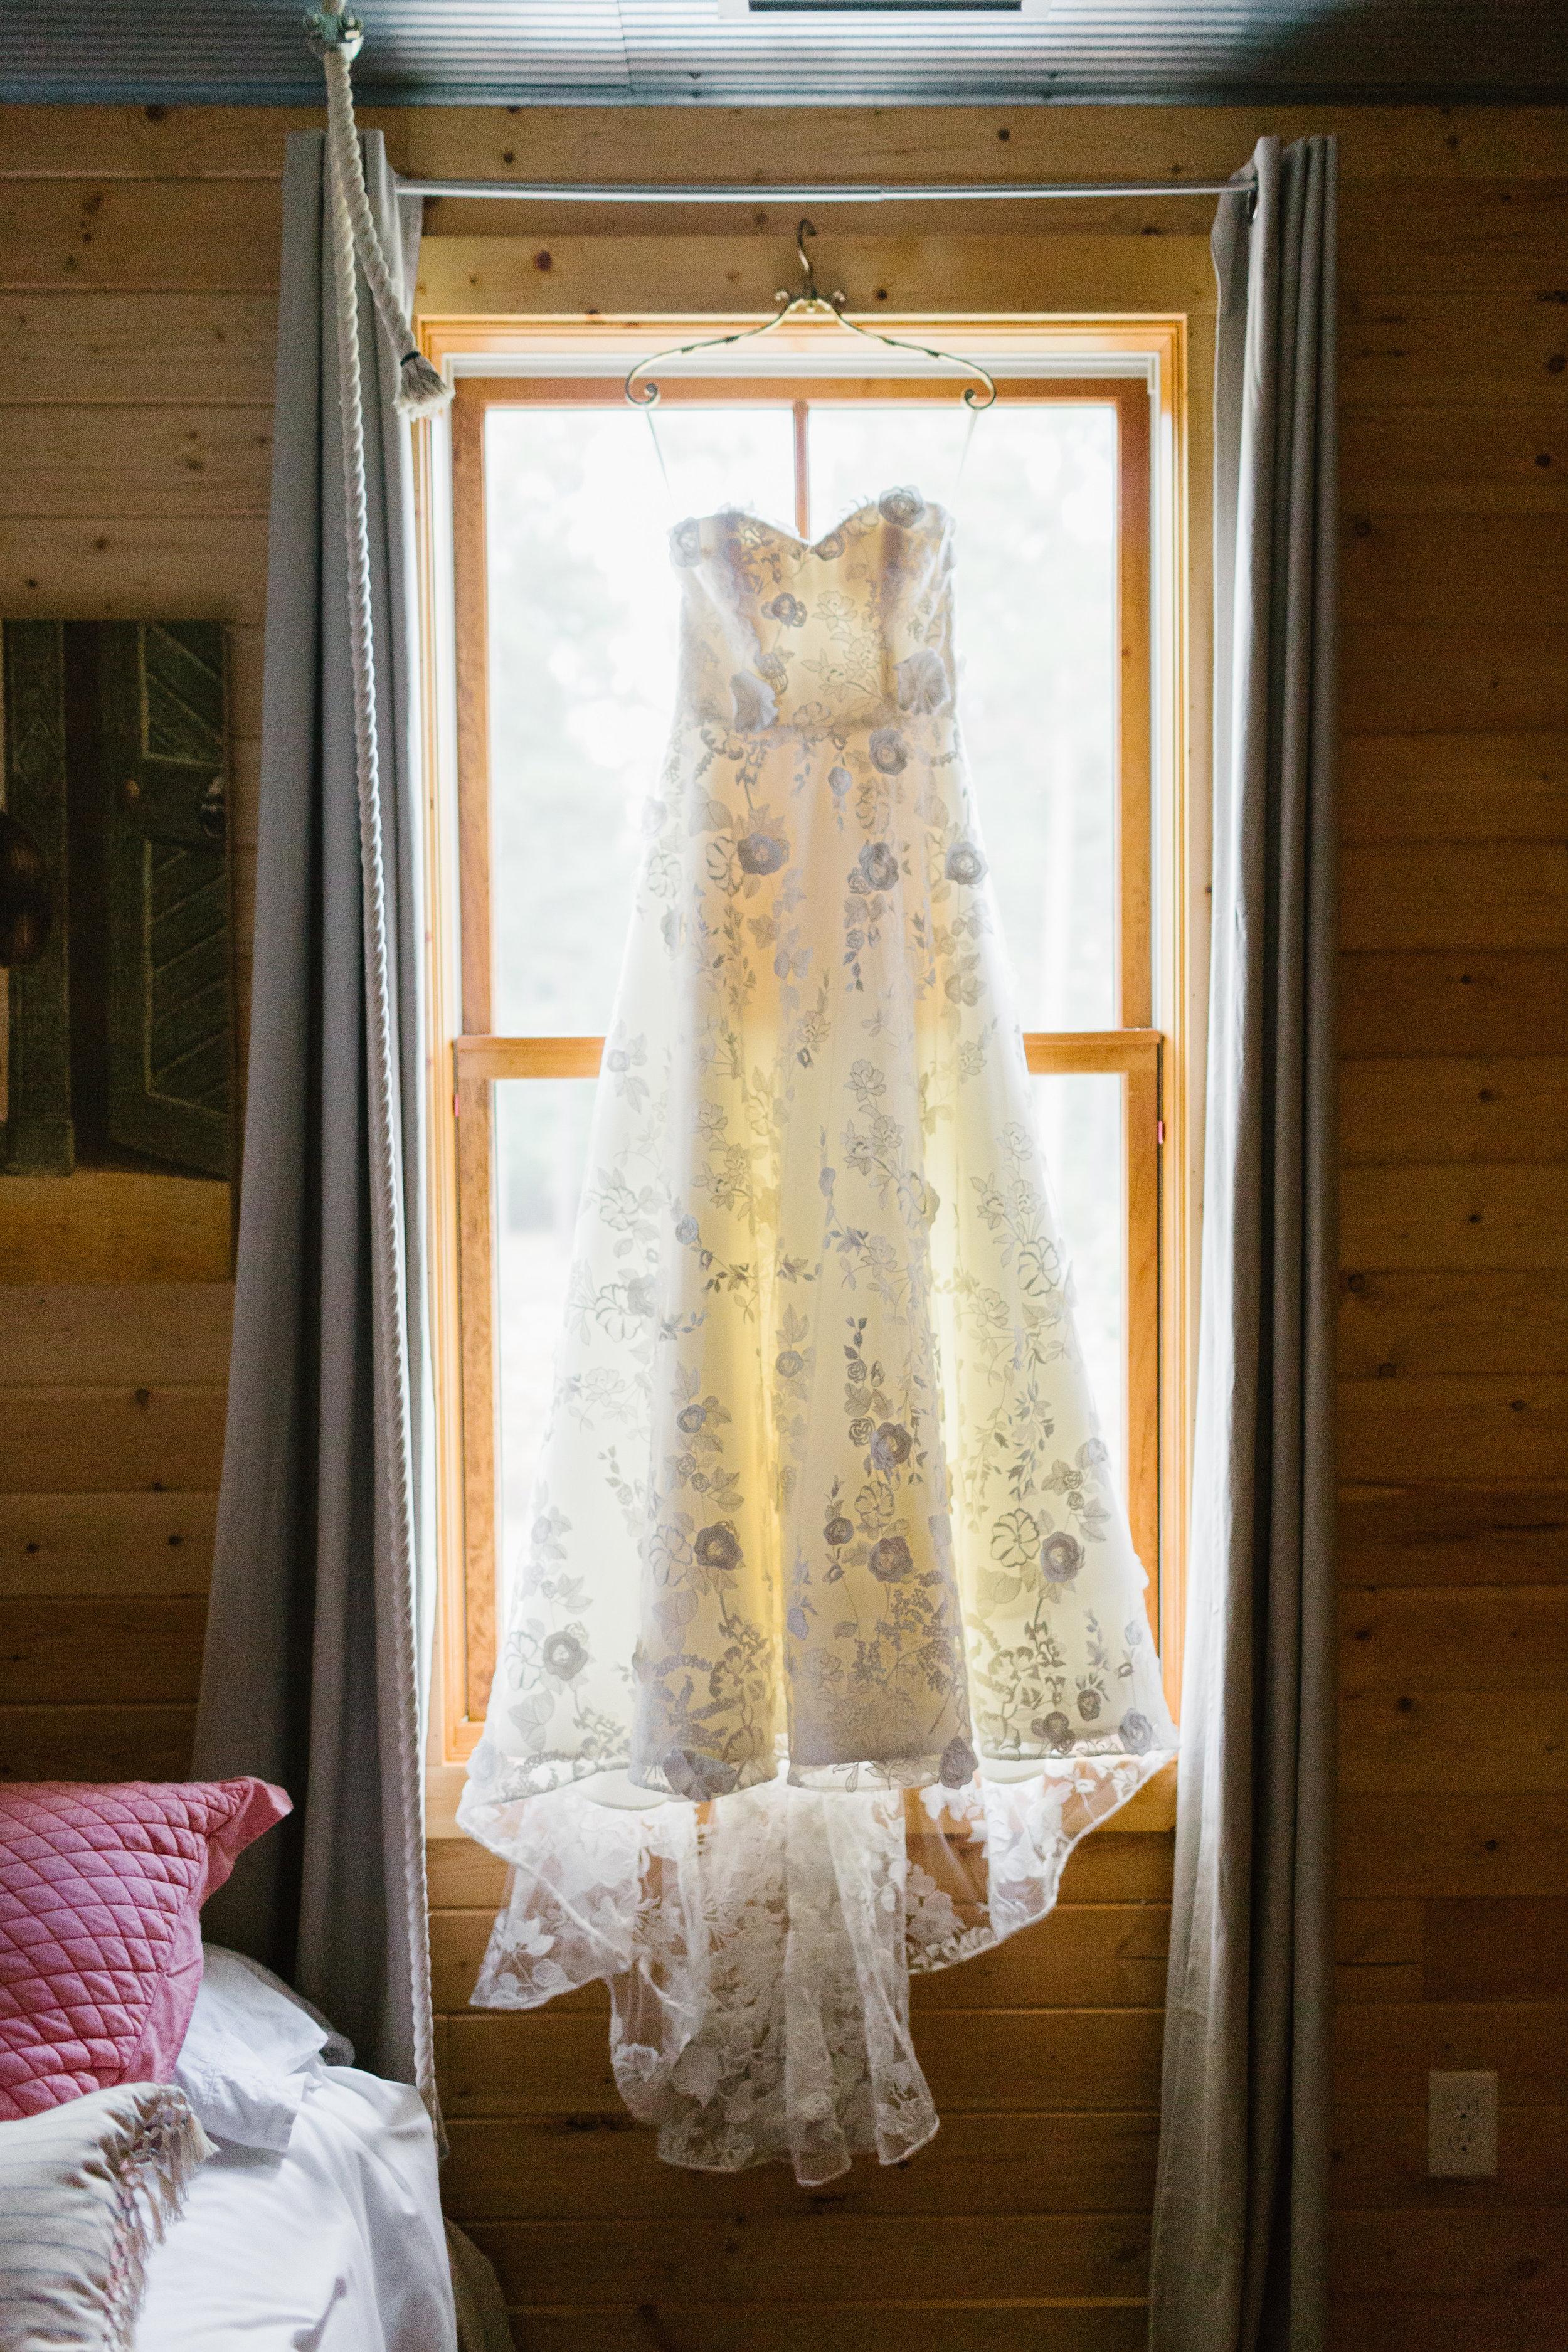 01_Bride Getting Ready_004.jpg